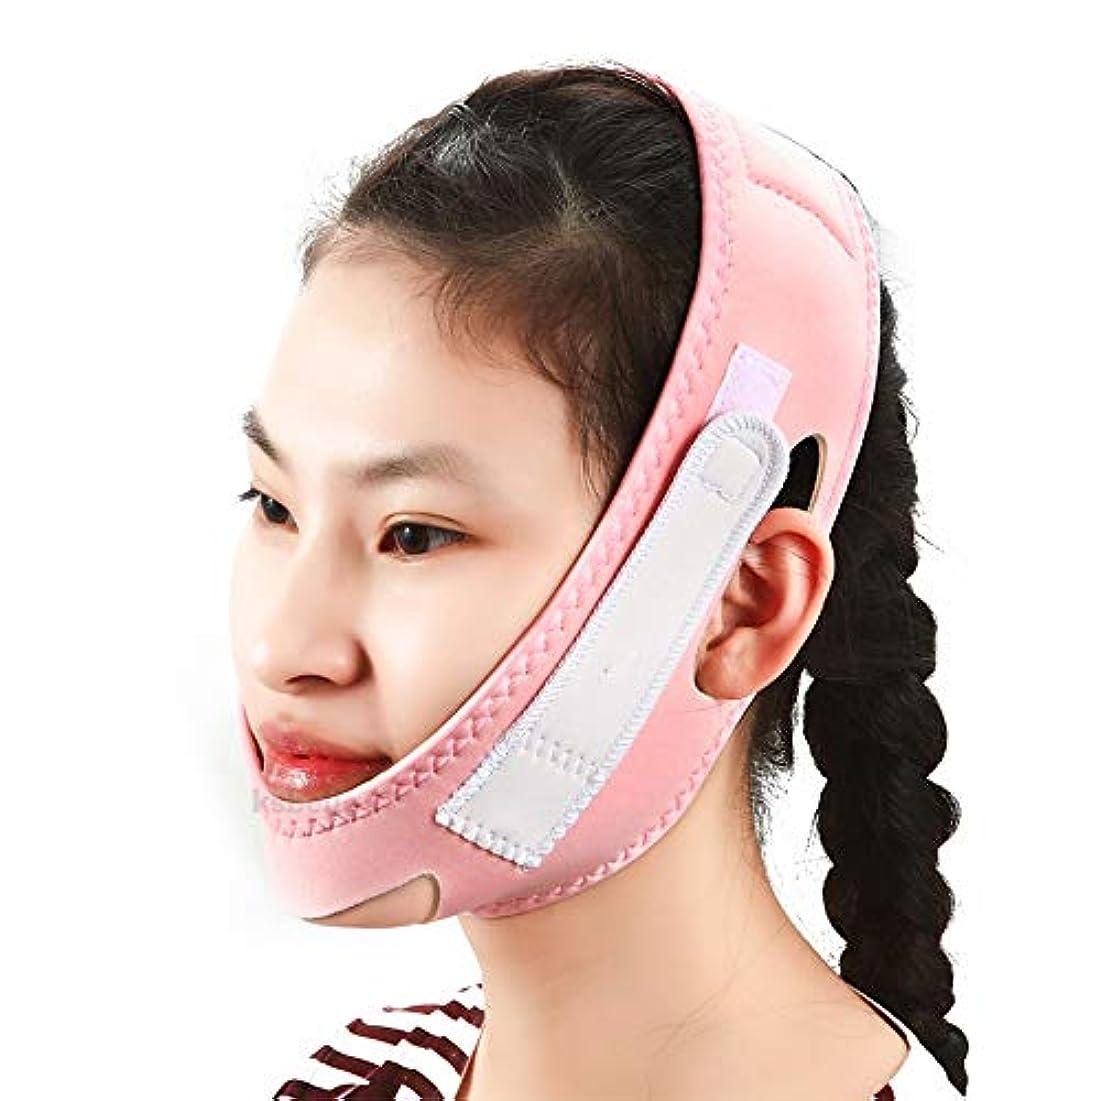 円形の消化器干渉するフェイススリムVラインリフトアップマスクチークチンネックスリム薄いベルトストラップ美容繊細な顔の薄いフェイスマスク痩身包帯